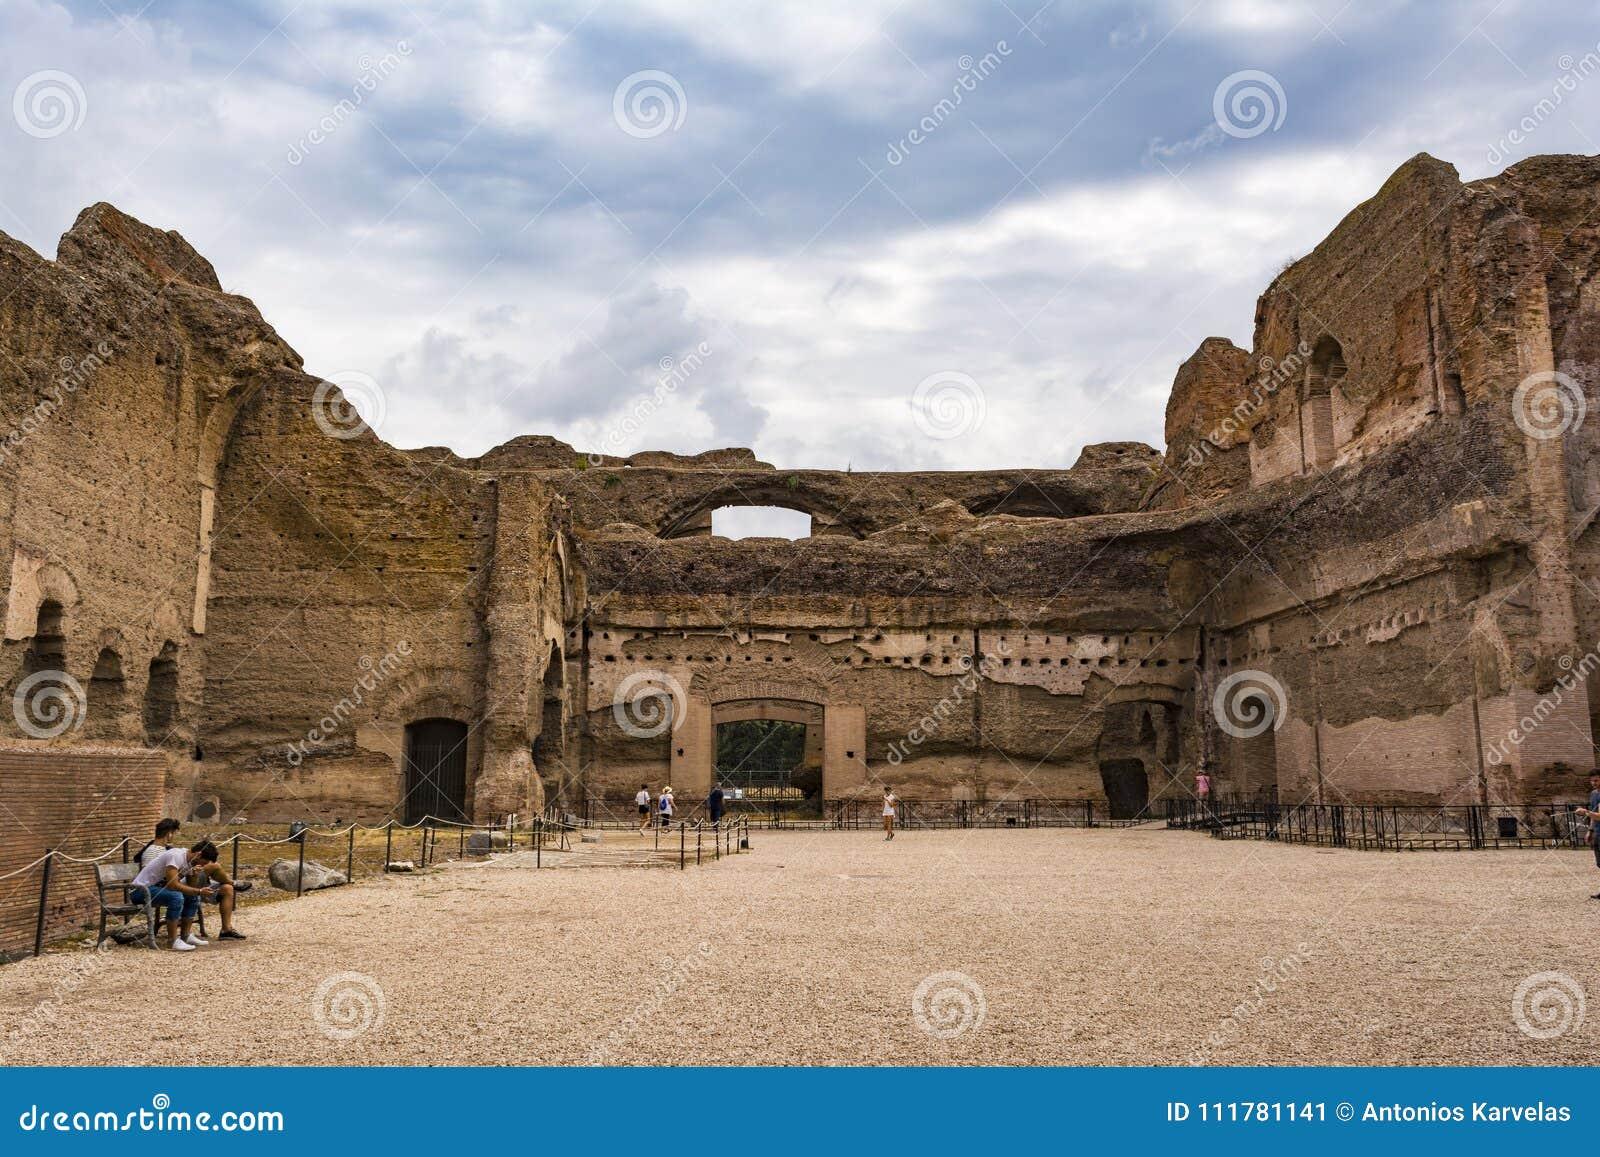 Ruines des bains de Caracalla - Terme di Caracalla